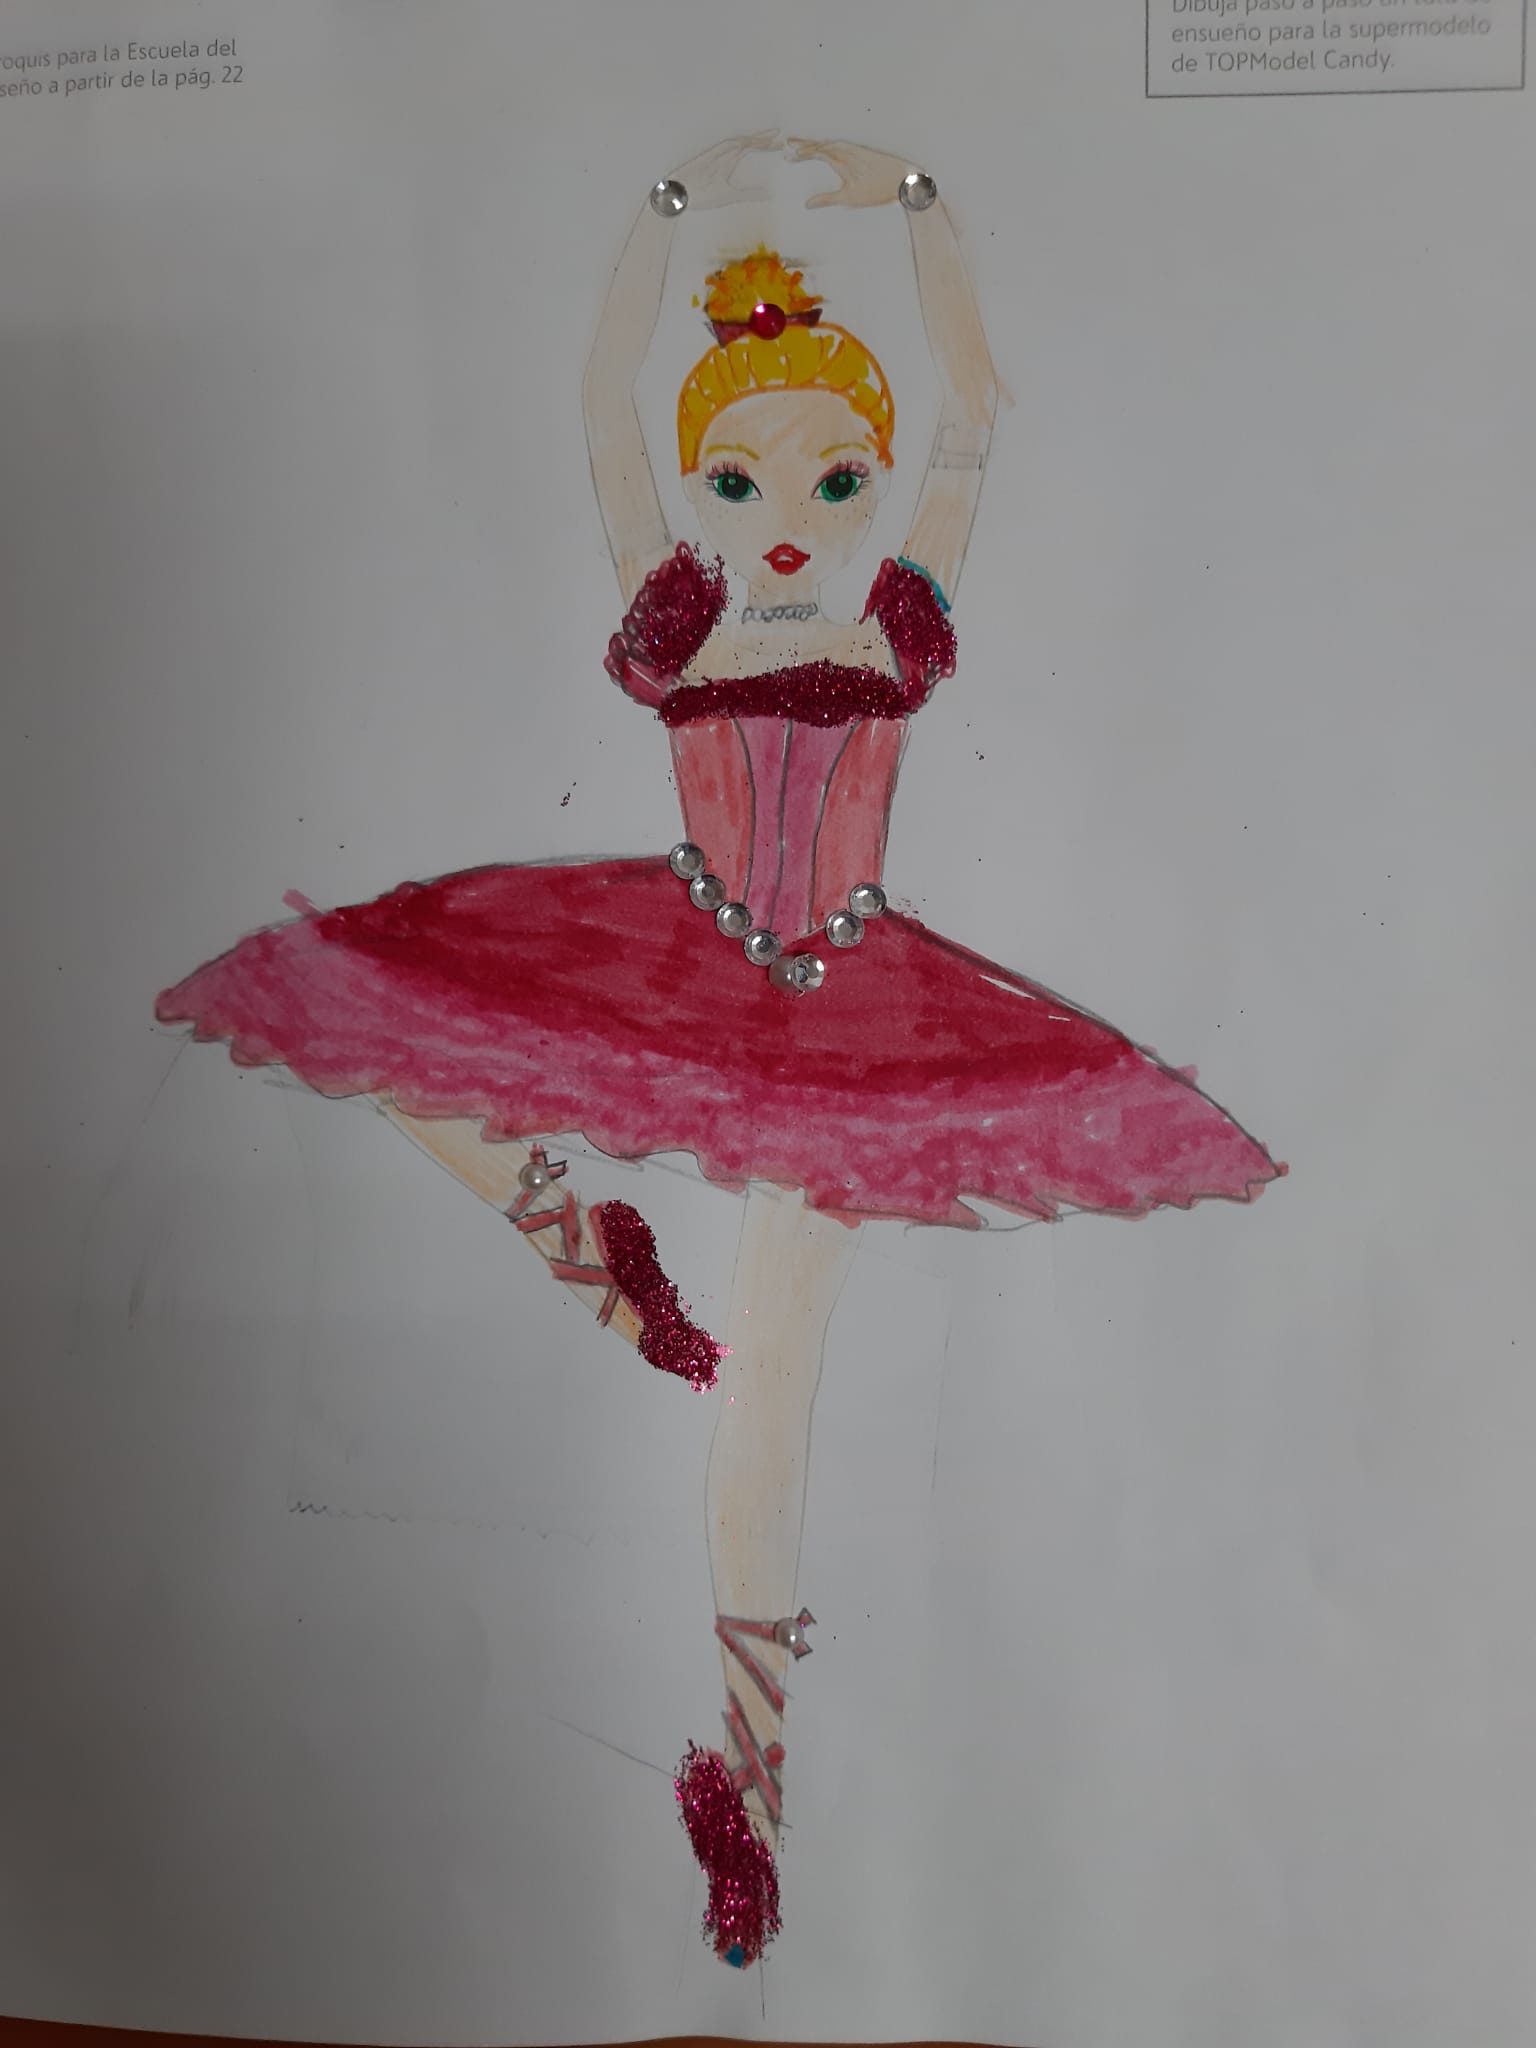 Maren L., 9 años, de URRETXU